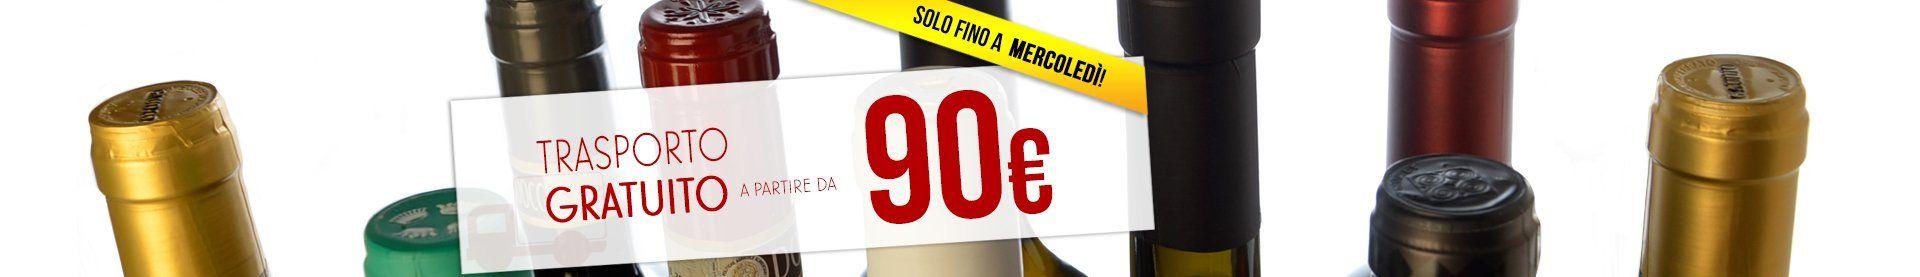 TRASPORTO GRATUITO 90